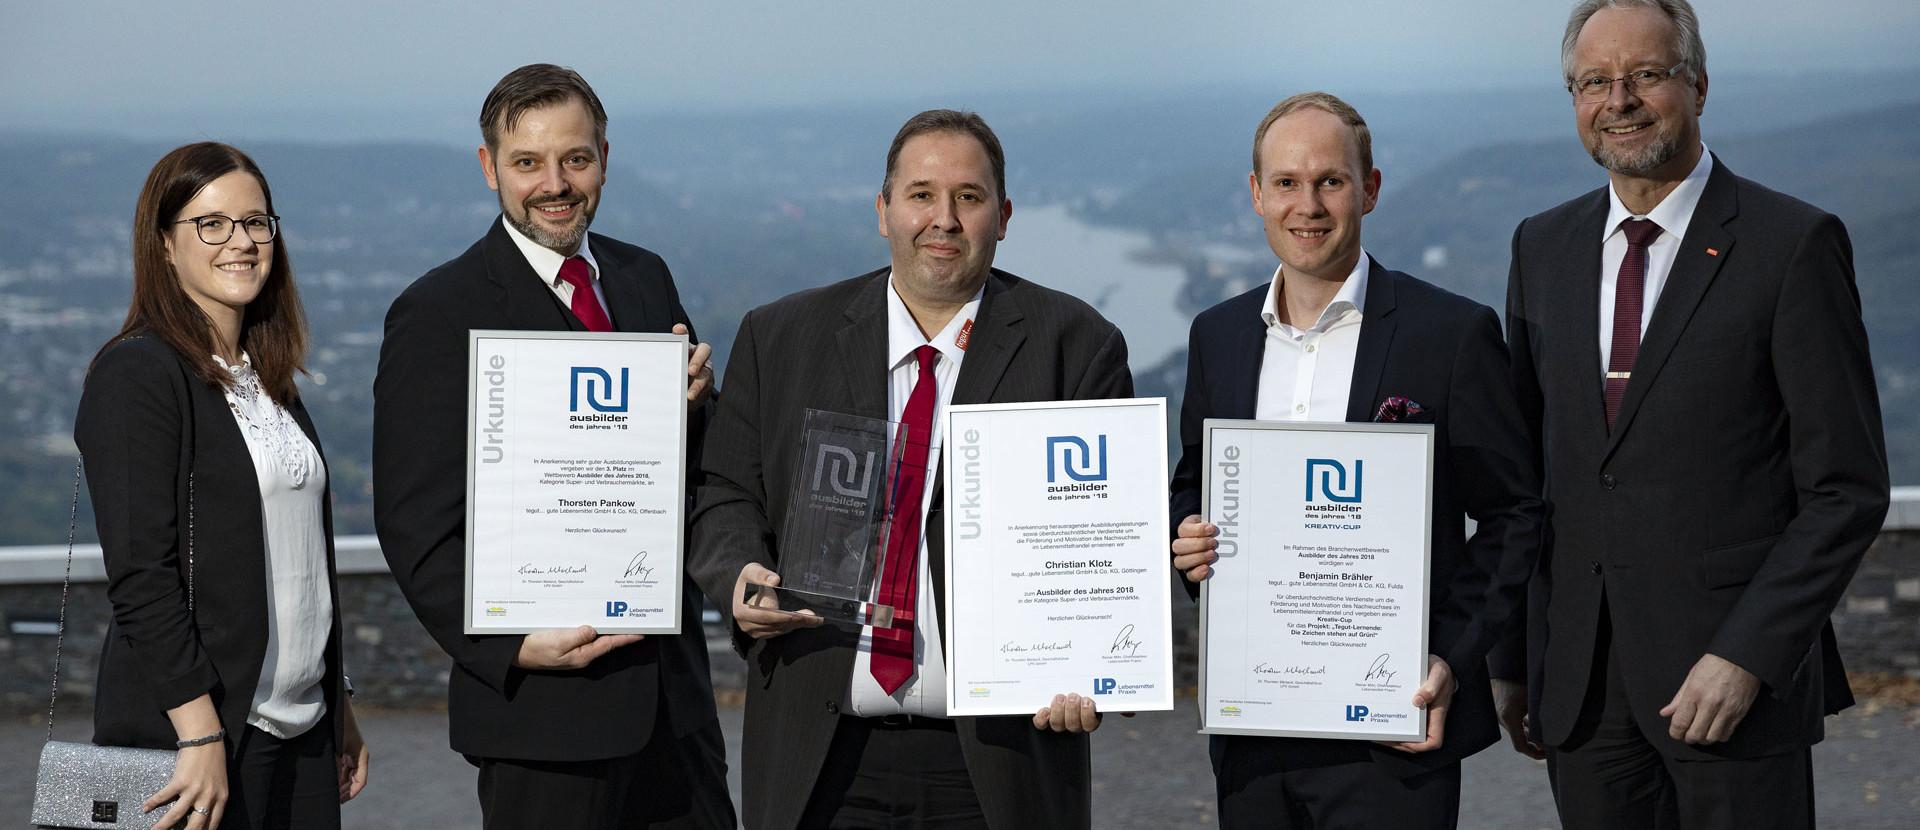 Preisträger des Ausbilder des Jahres 2018 mit Urkunden